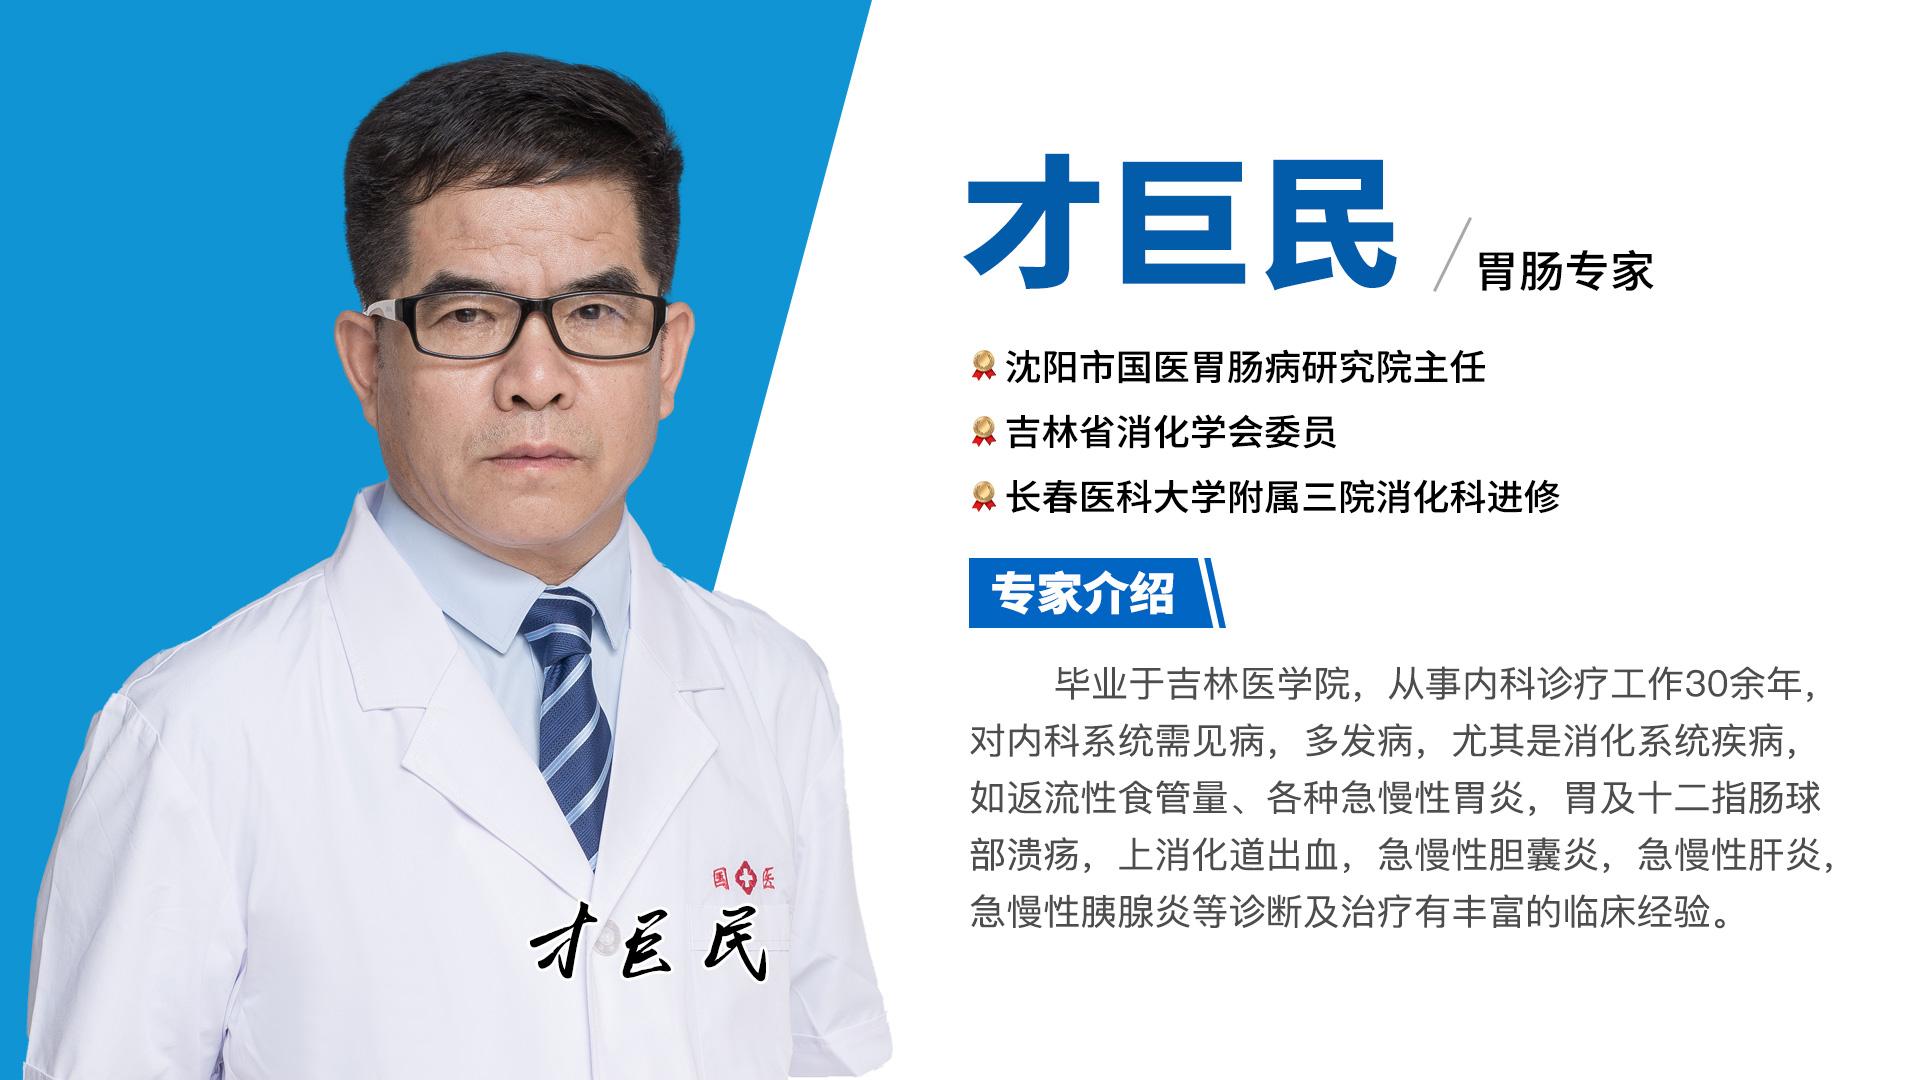 """辽沈名医""""才巨民""""专治胃肠三十余年"""